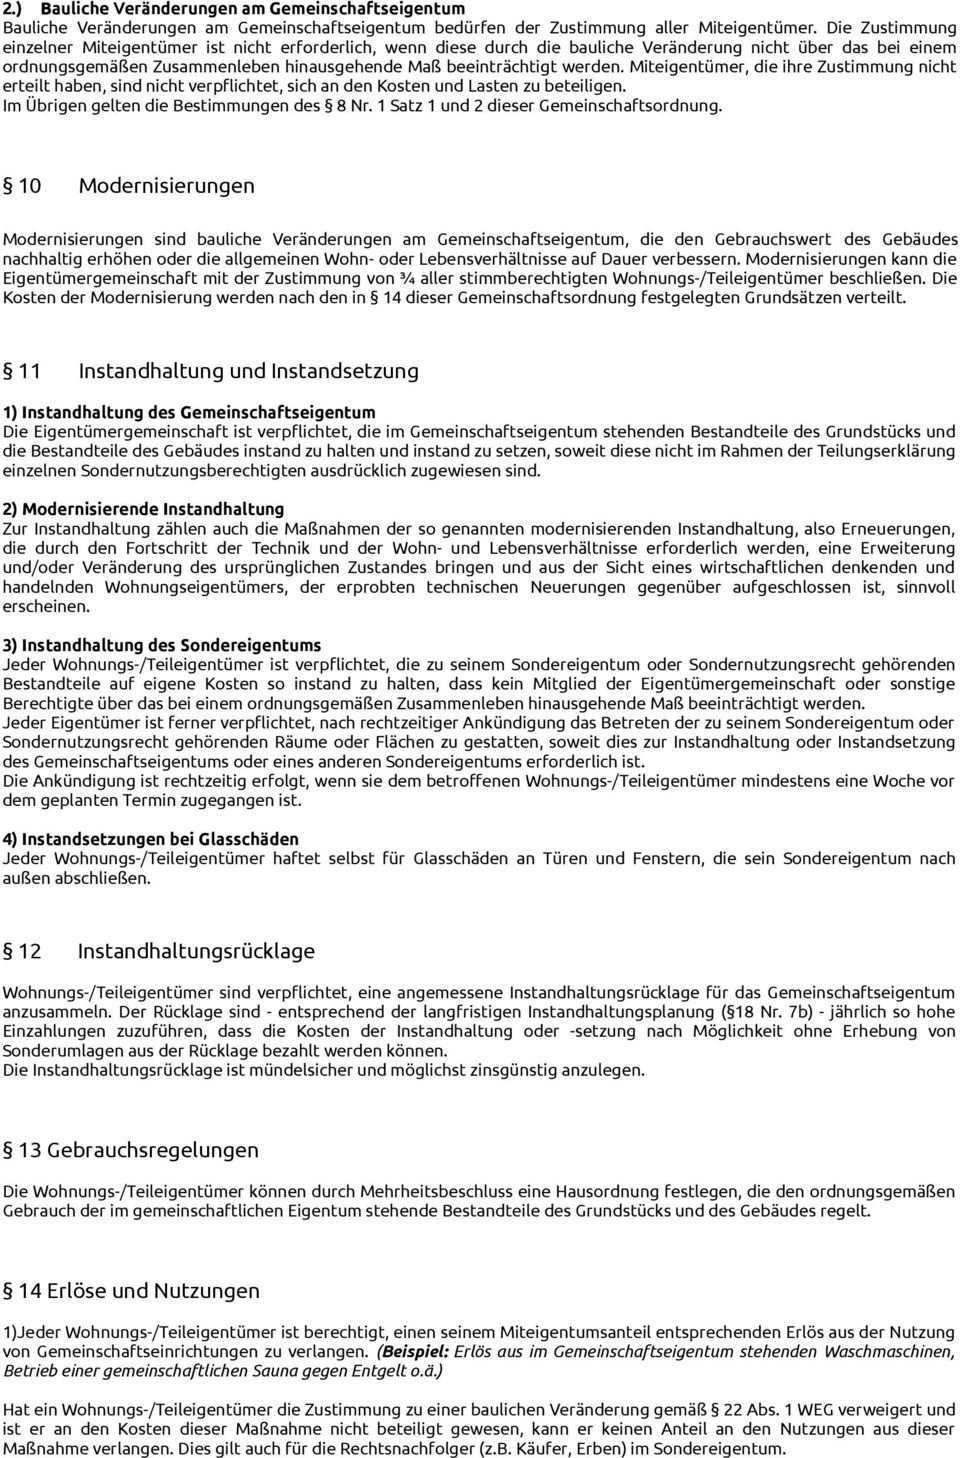 Gemeinschaftsordnung Muster Pdf Free Download